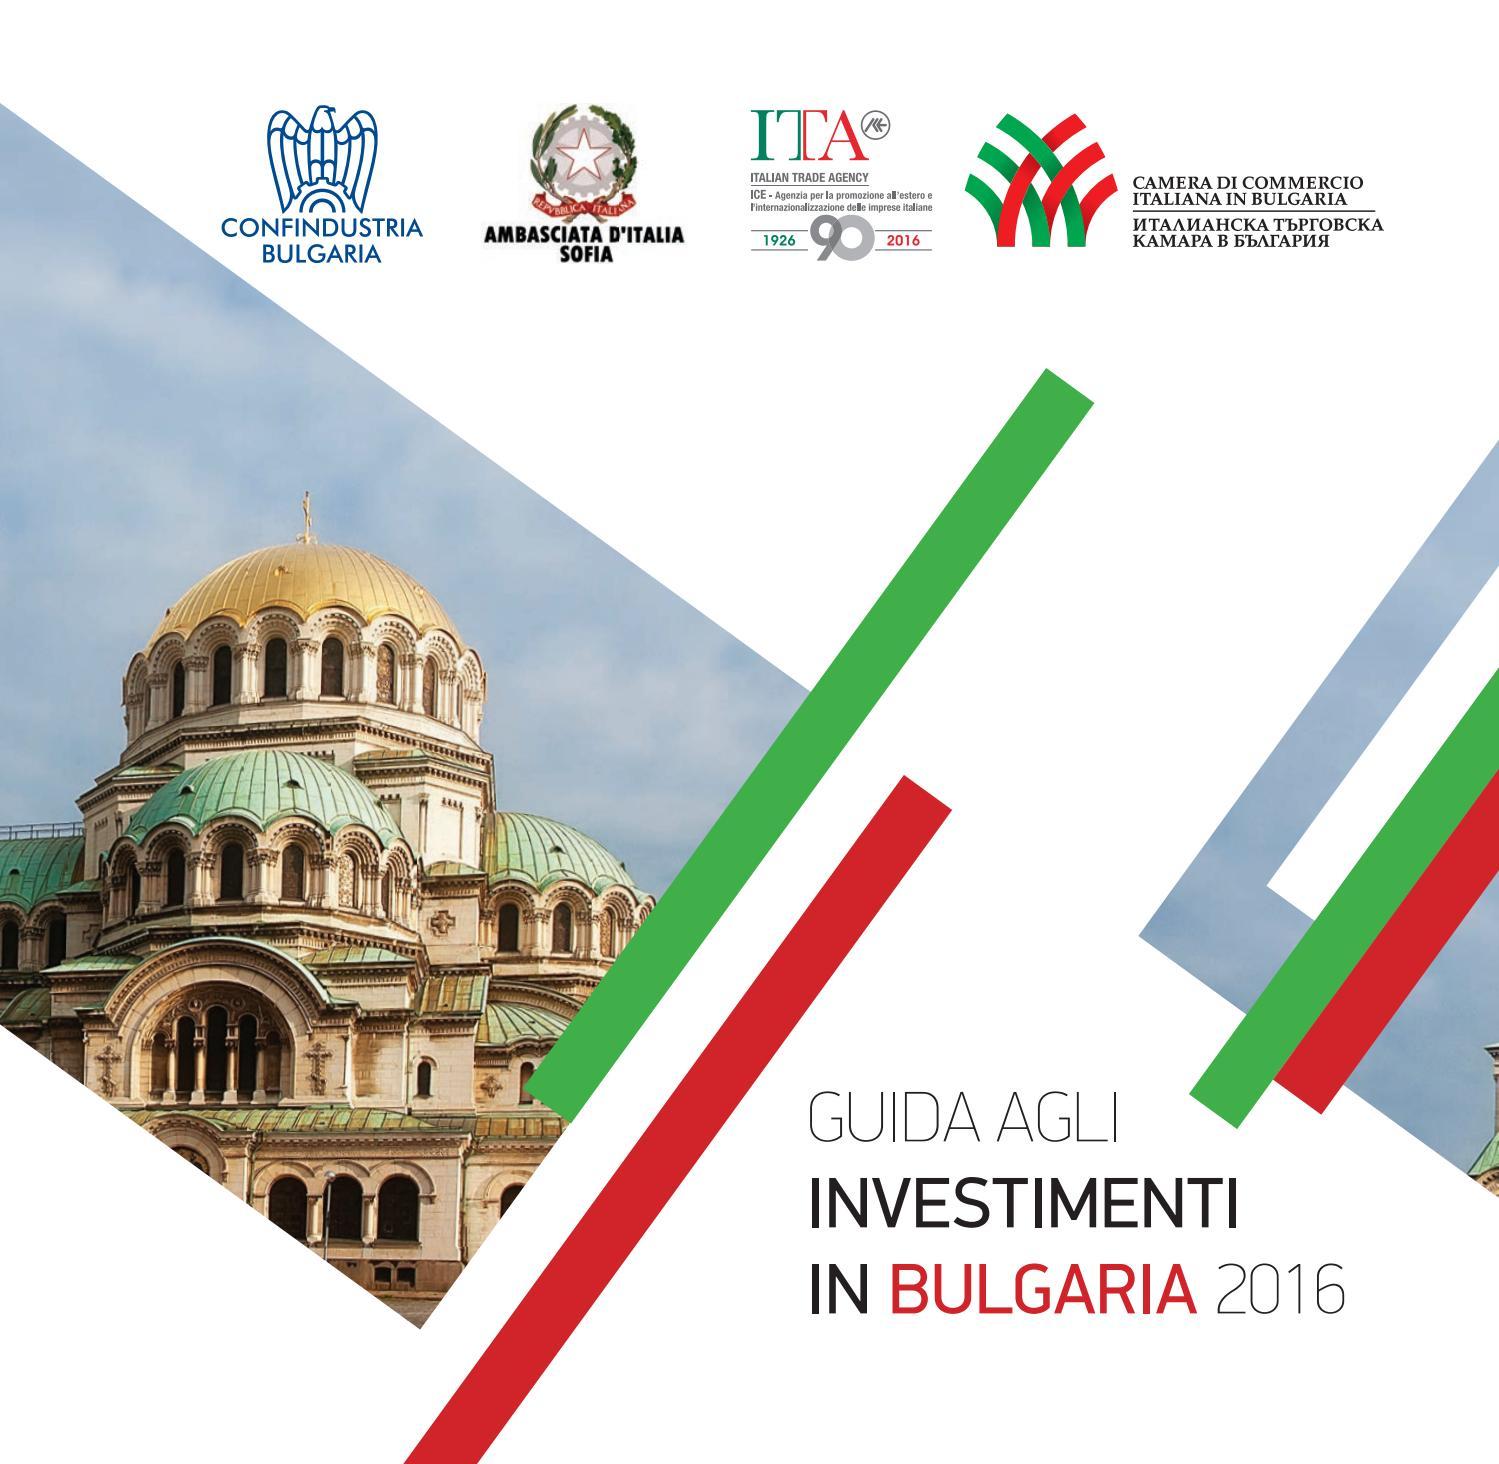 Guida agli Investimenti 2016 by Camera di Commercio Italiana in Bulgaria -  issuu 171482e22b8